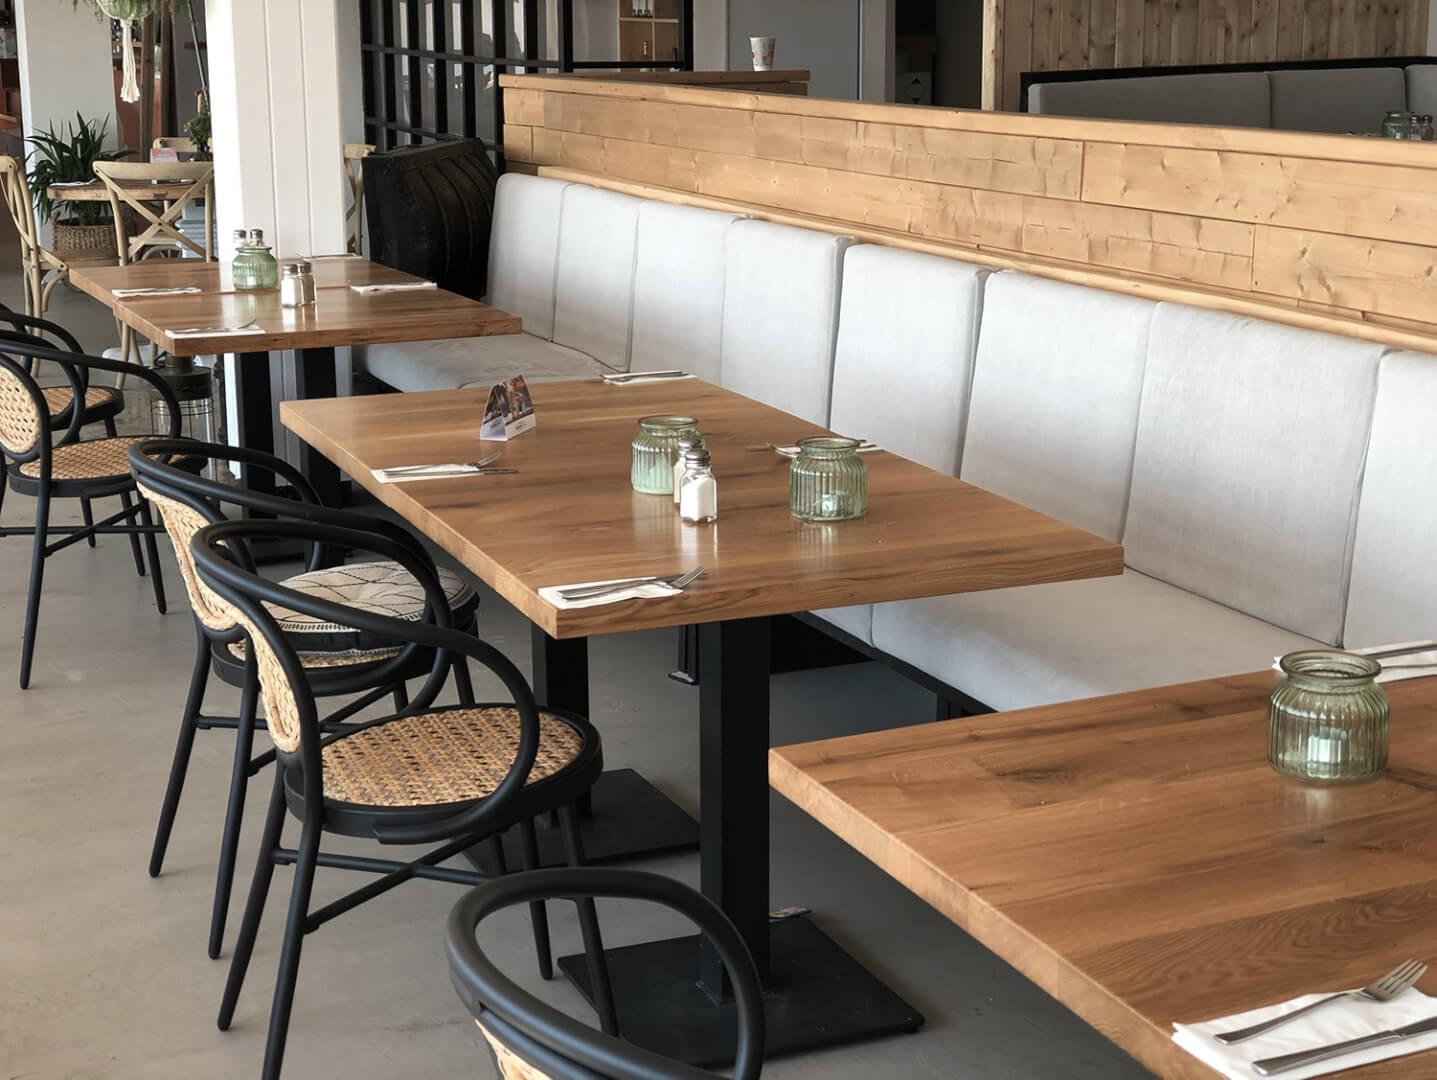 Beistelltisch Gastro | kleine Gastrotische | Gastronomie Tisch individuell